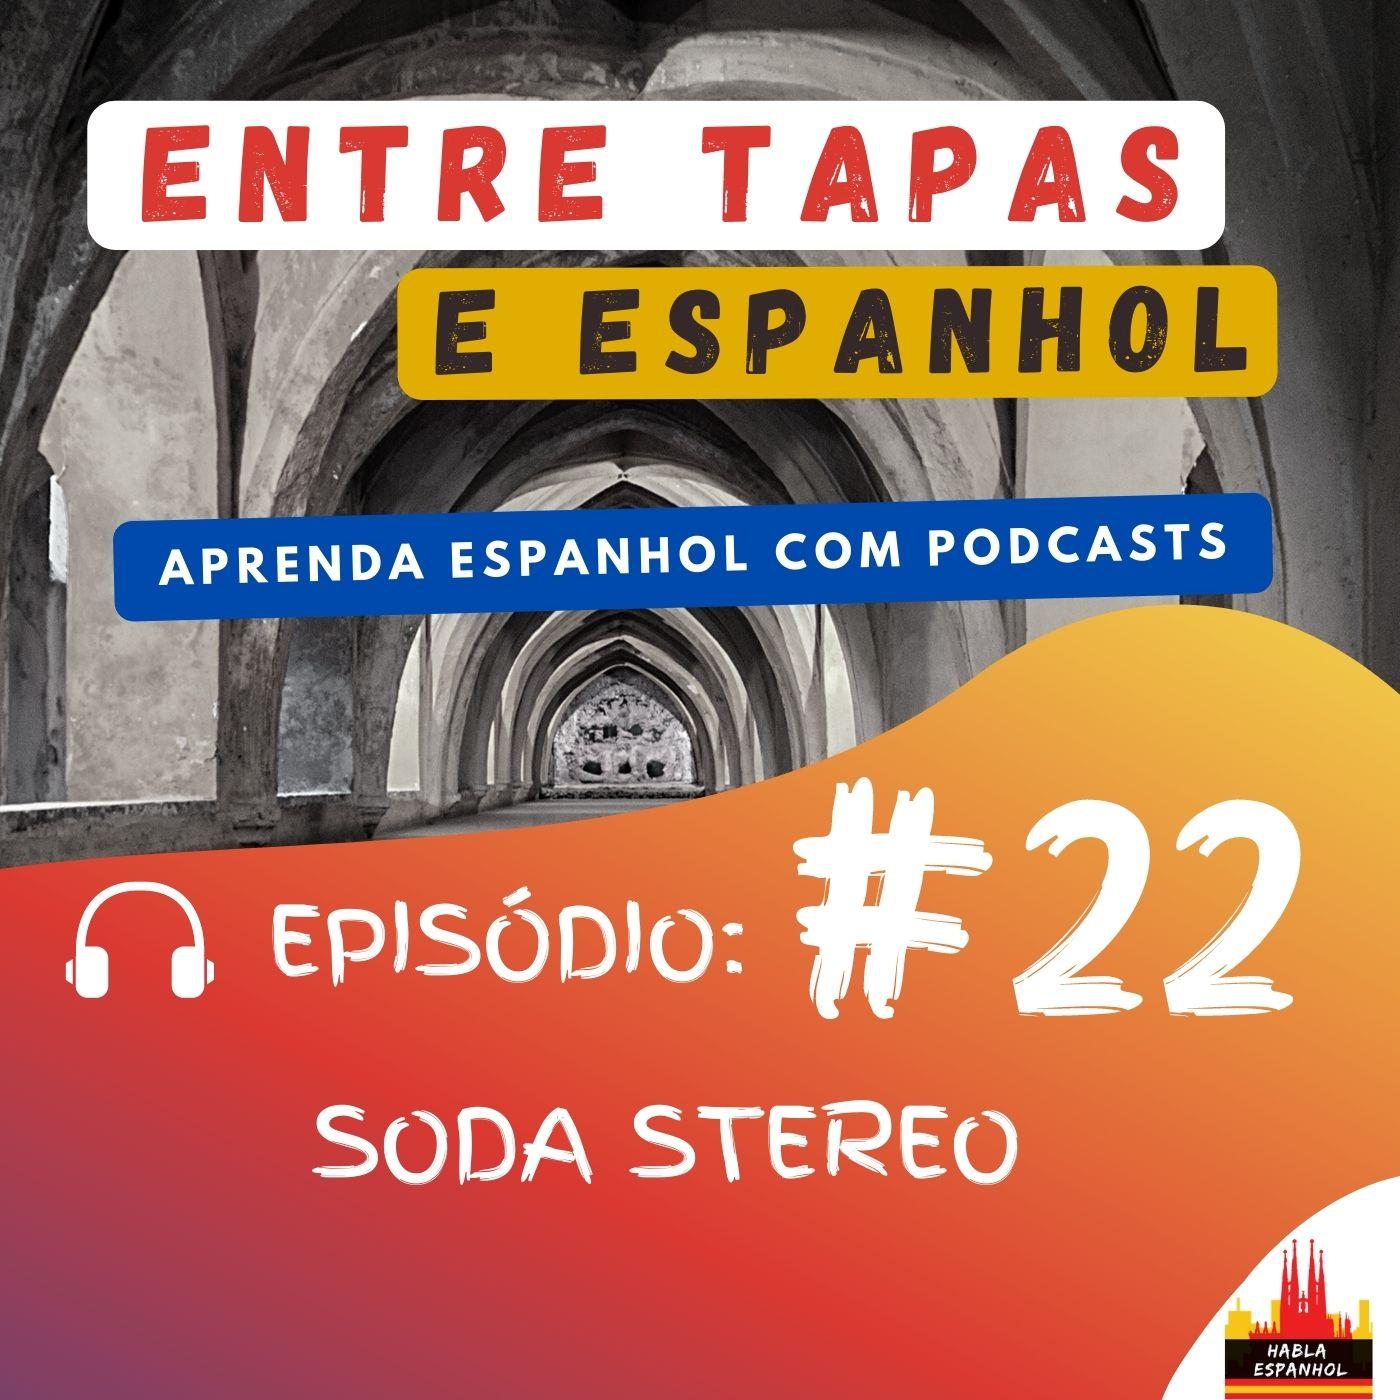 PodCast Habla Espanhol